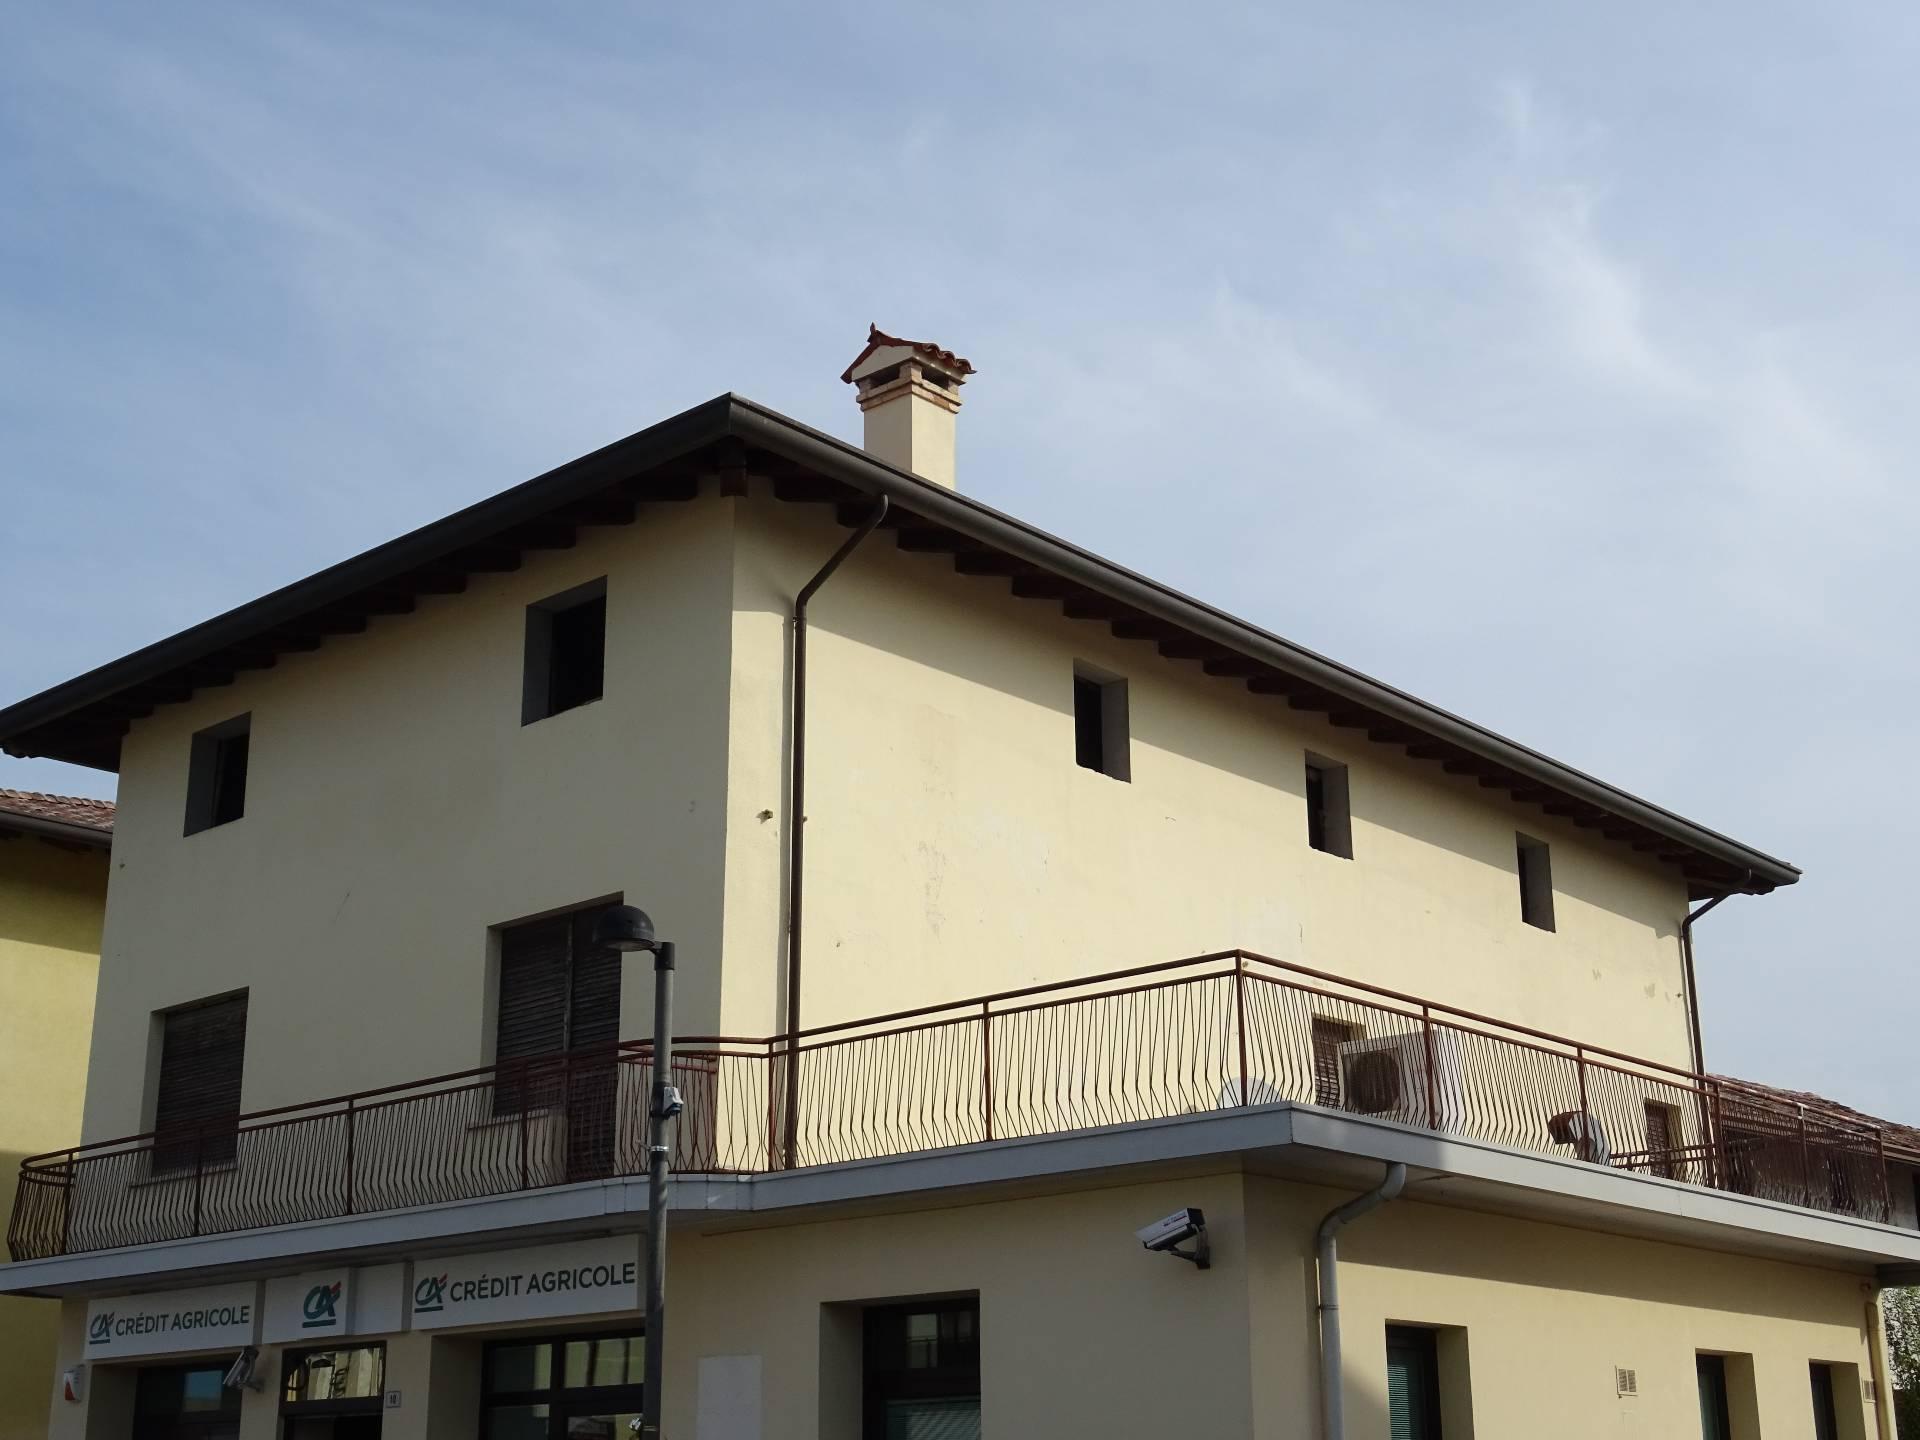 Appartamento in vendita a Carlino, 6 locali, prezzo € 105.000 | CambioCasa.it